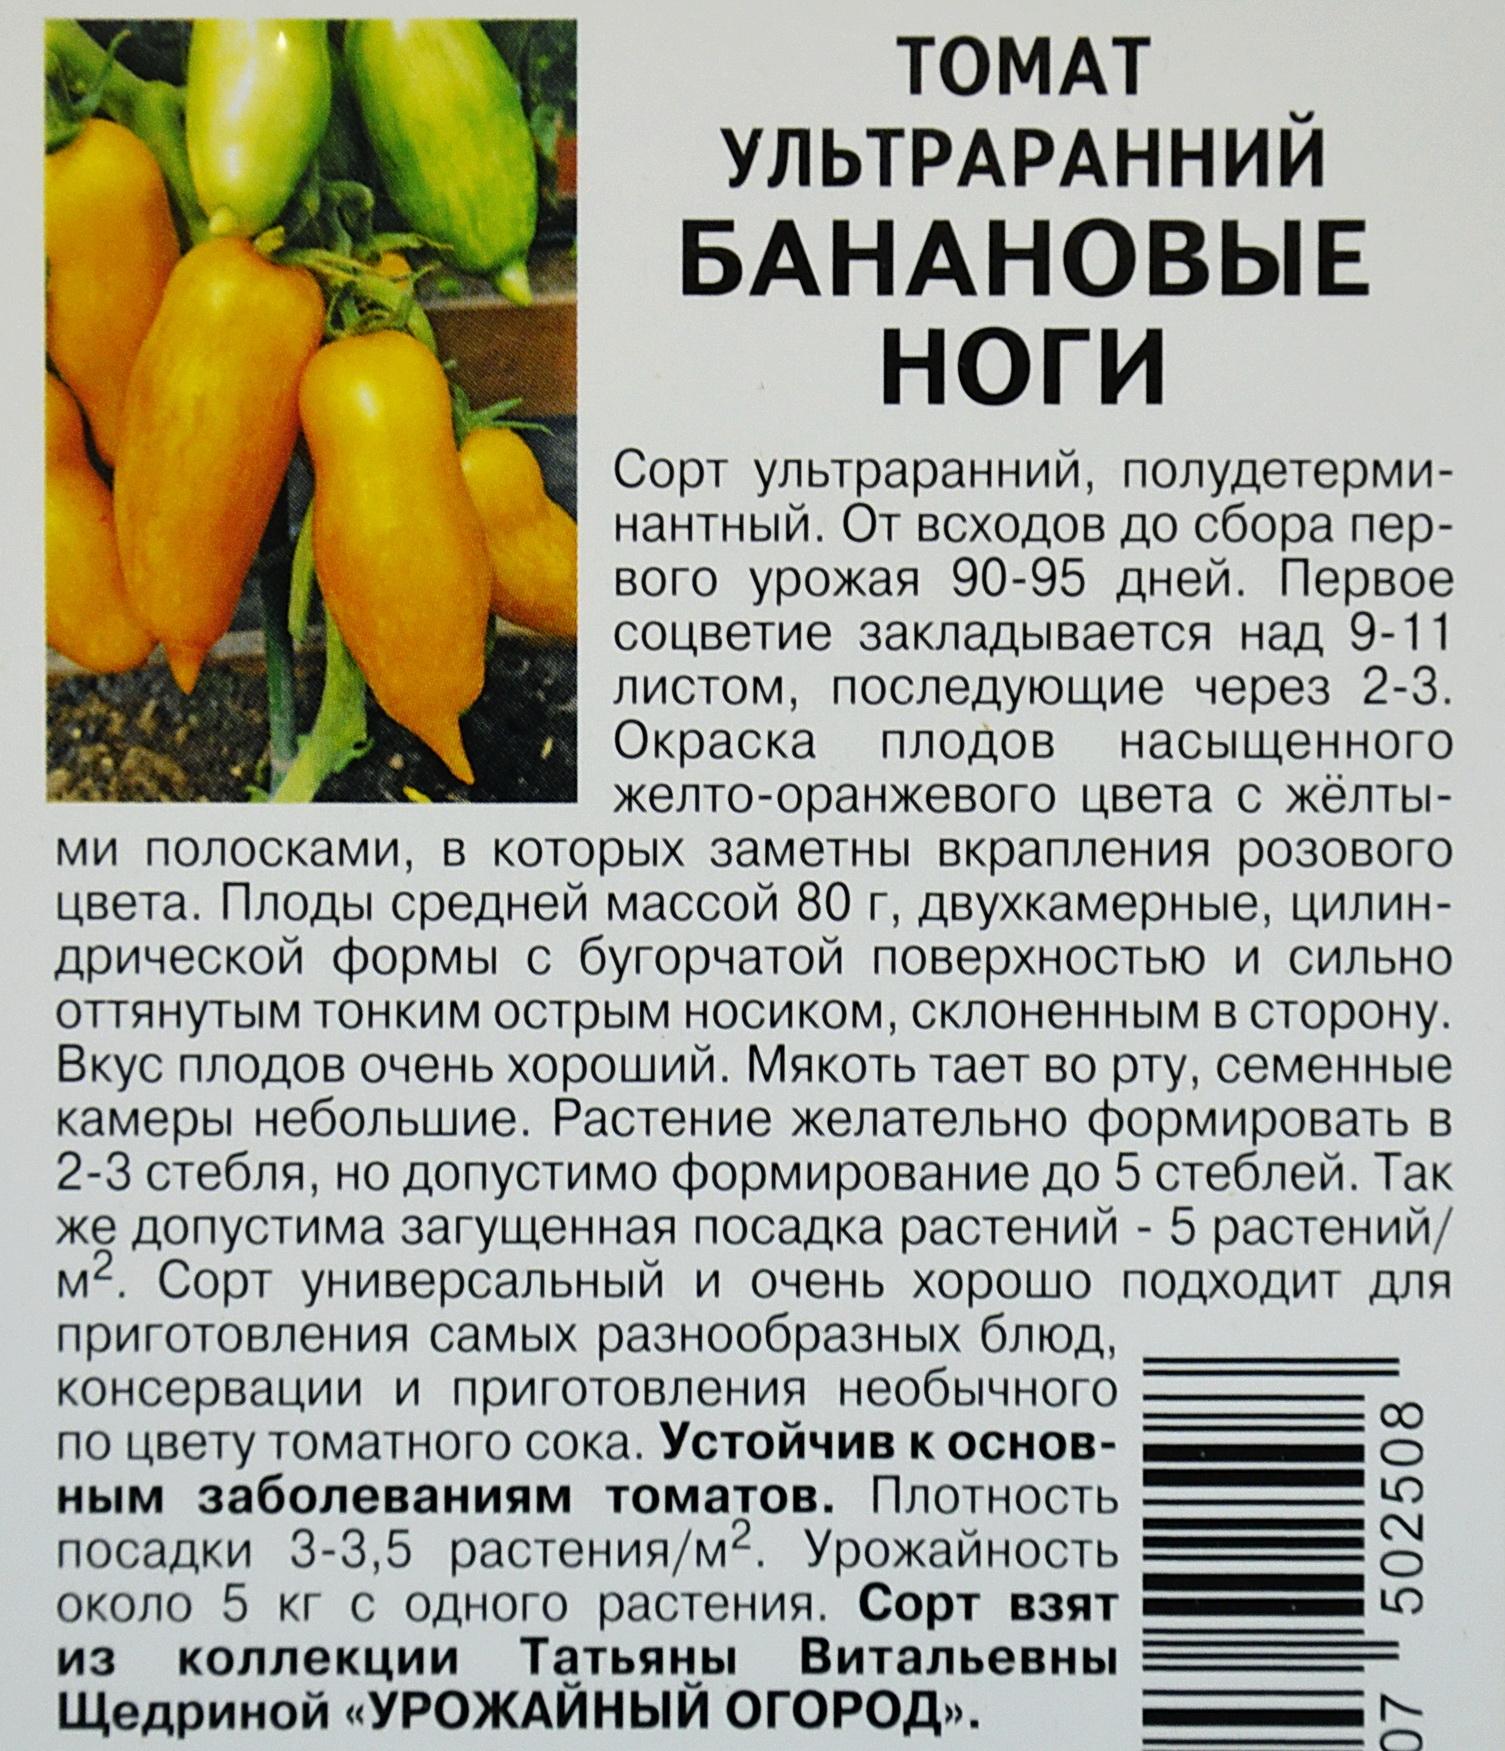 Томат банан оранжевый: характеристика и описание сорта с фото, отзывы о семенах и урожае, выращивание